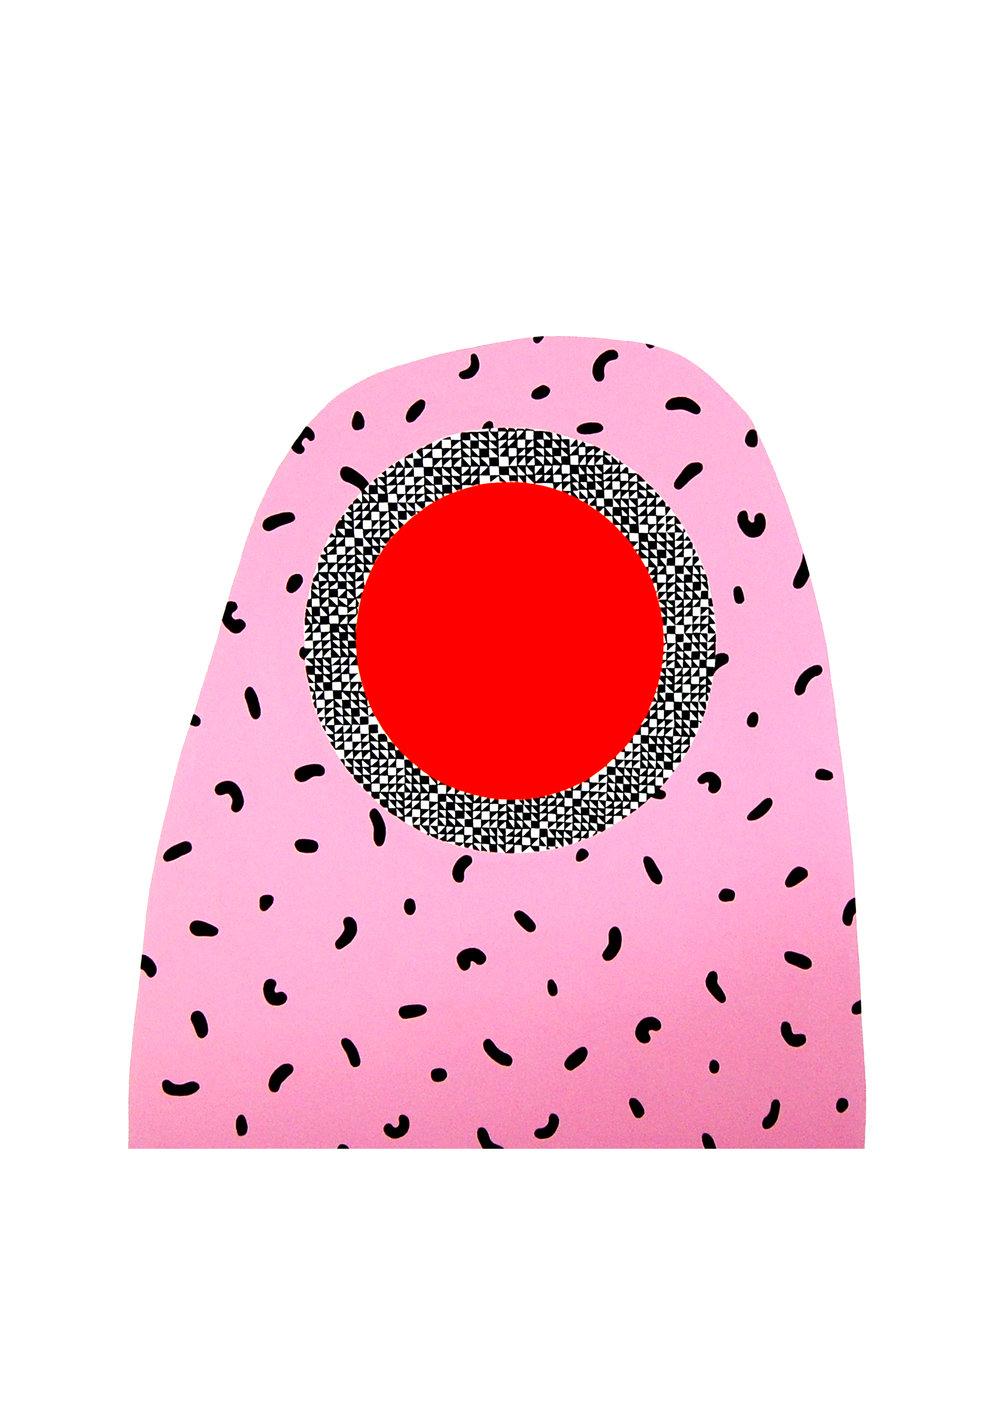 C.Roseberry - pinky.jpg